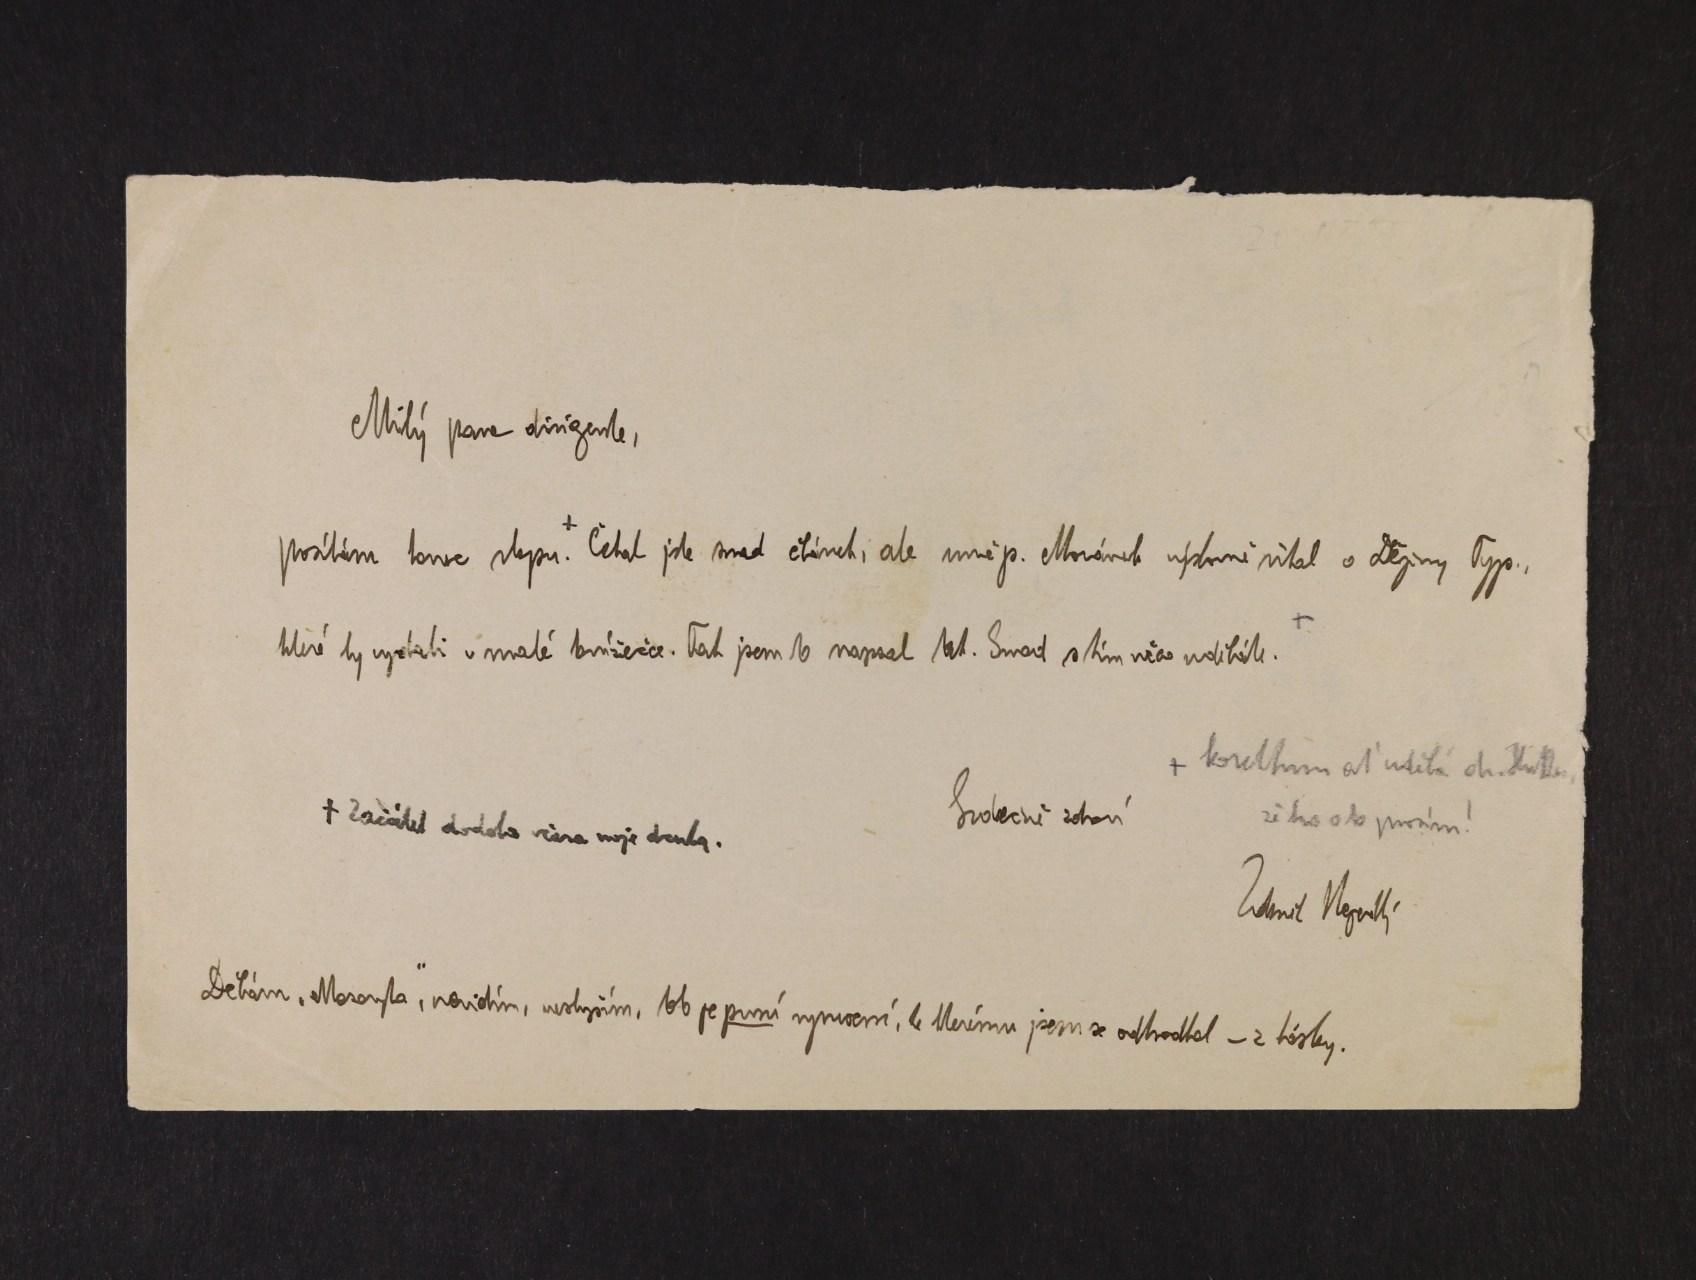 Nejedlý Zdeněk 1878 - 1962, český politik, historik a muzikolog - dopis s vlastnoručním podpisem